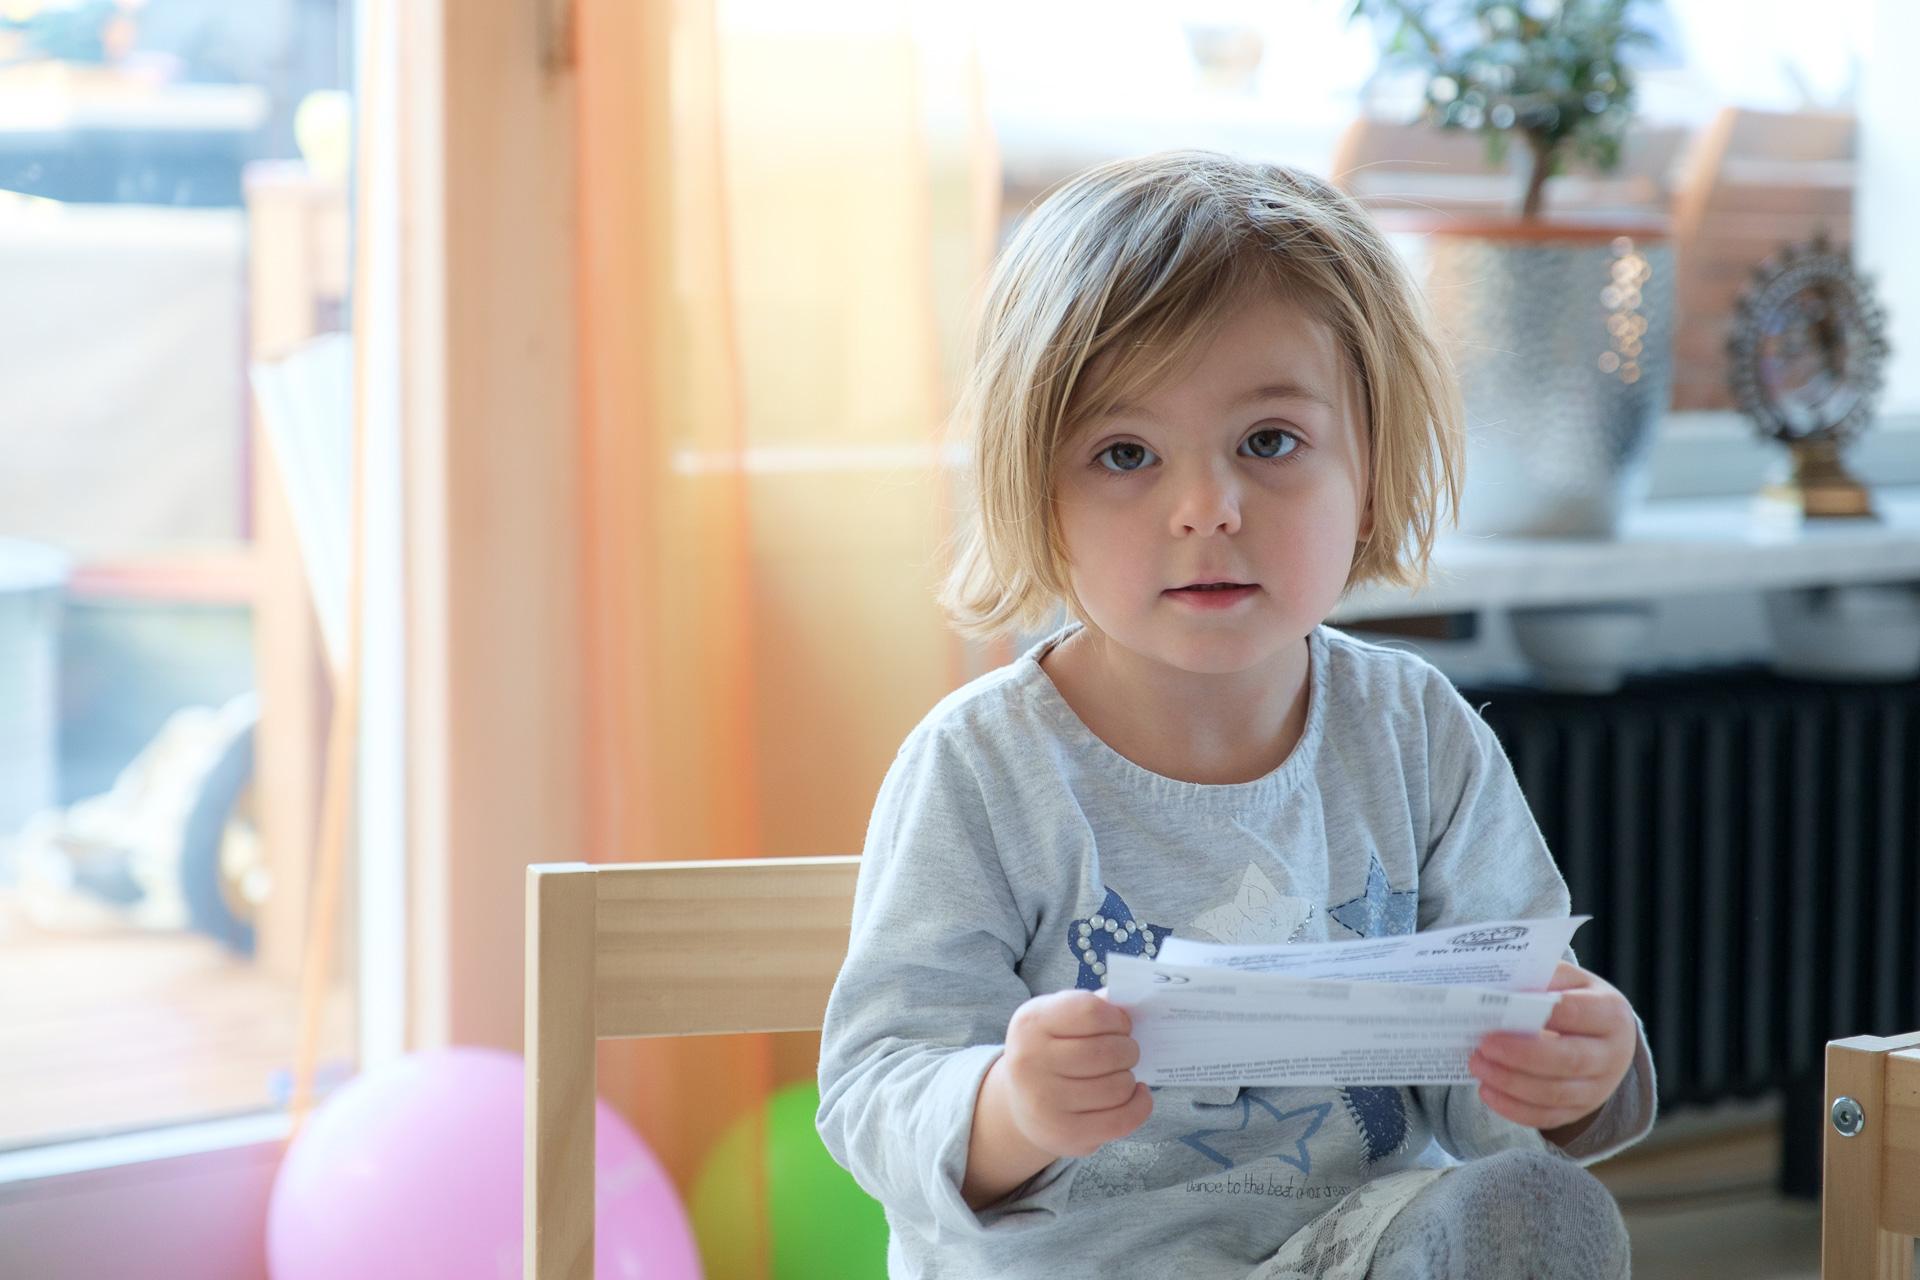 Kind auf Stuhl mit Papier in der Hand